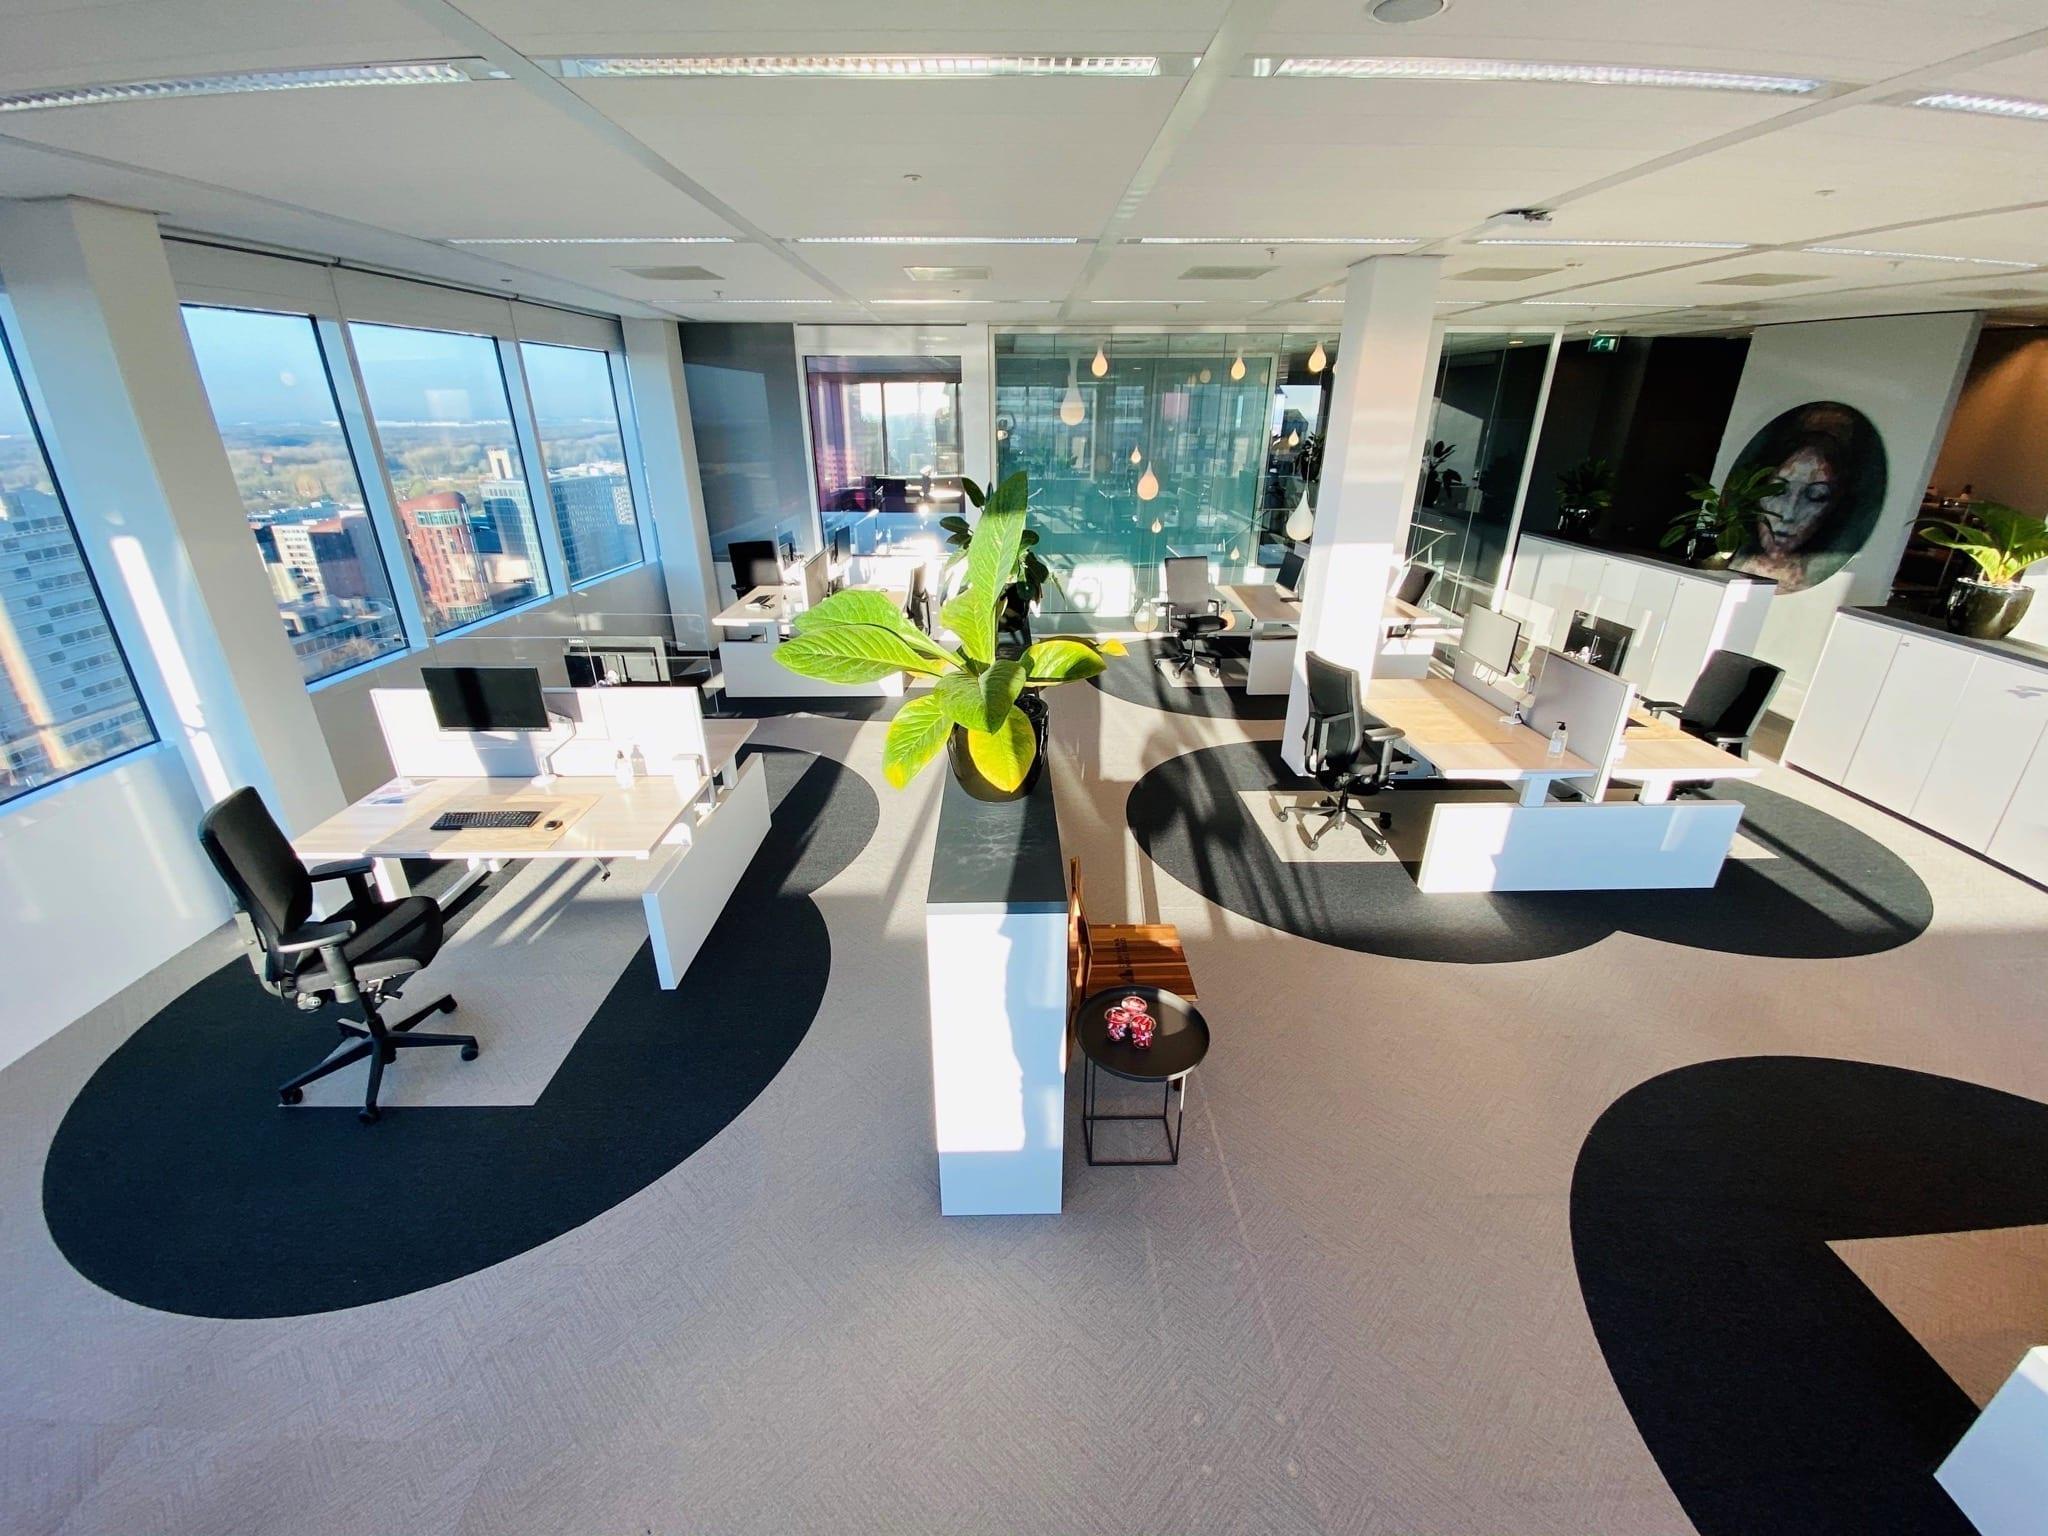 birouri 3 copy - Piața închirierilor de birouri, în continuă adaptare